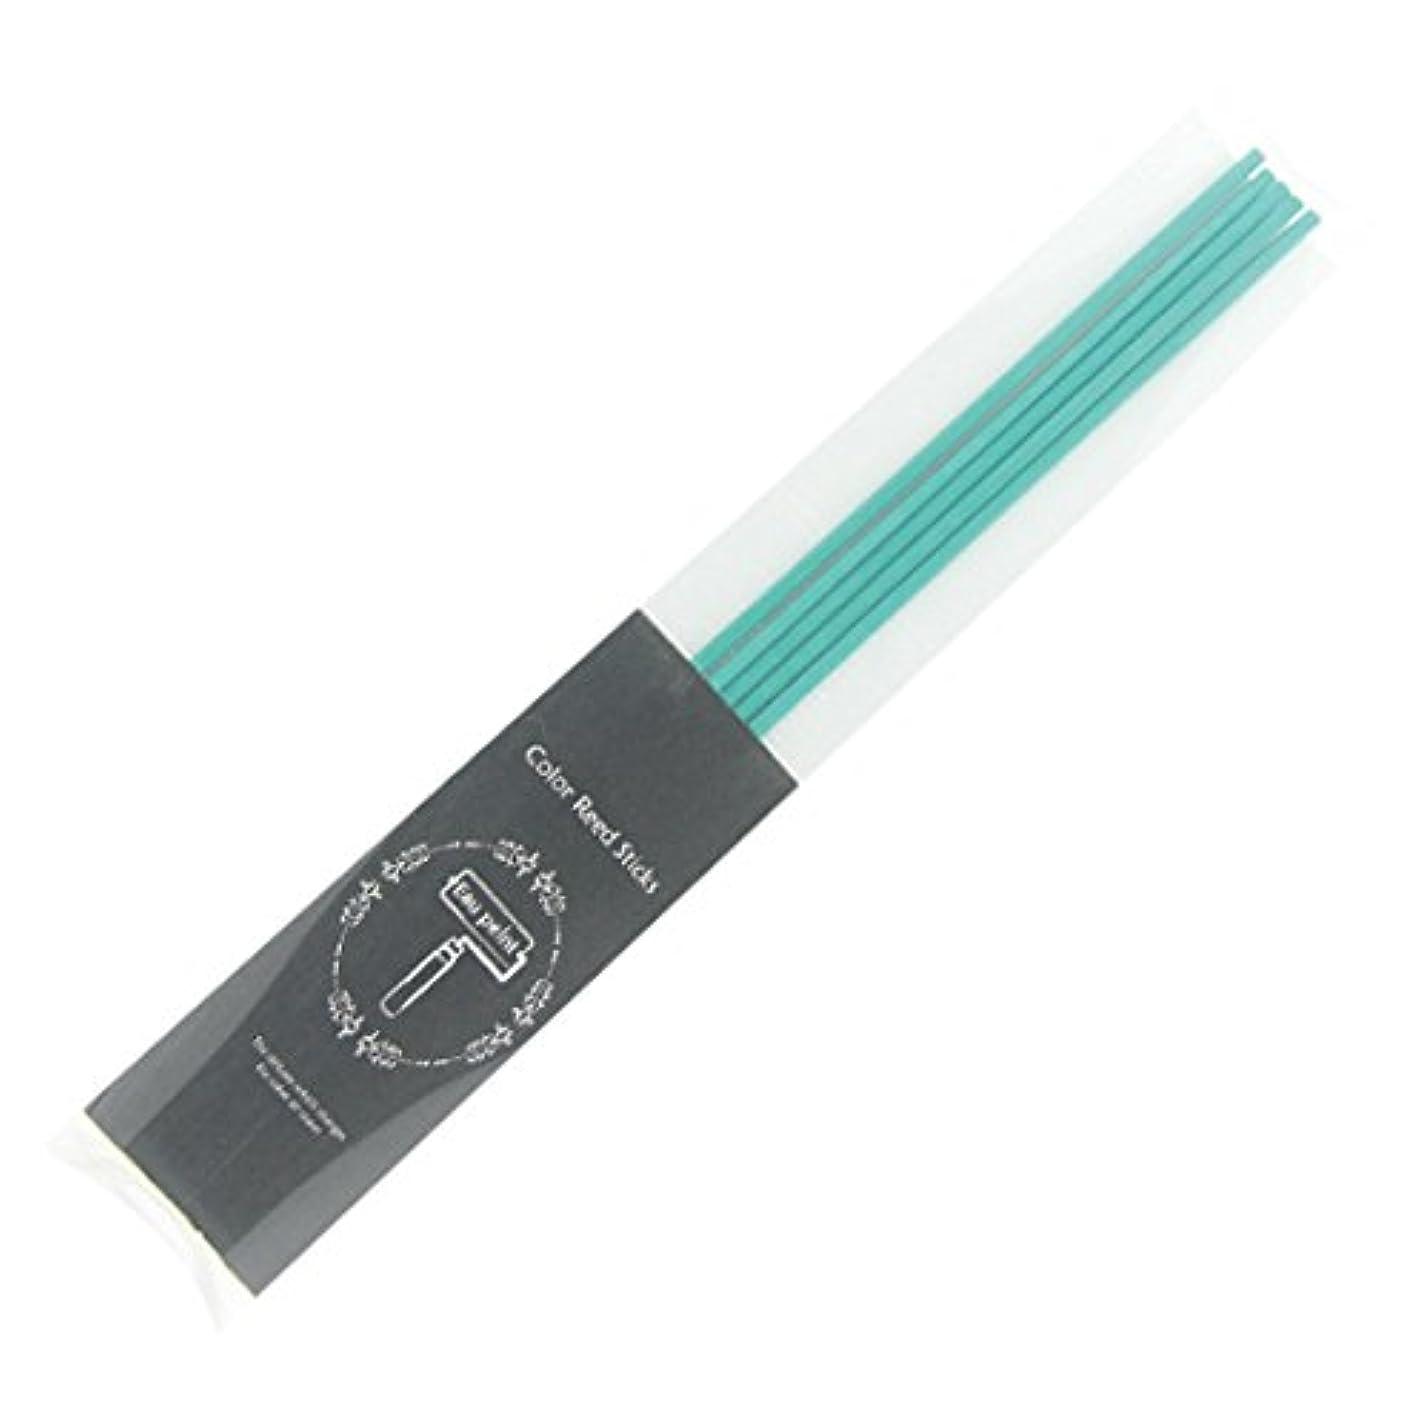 タフルーフ証言Eau peint mais+ カラースティック リードディフューザー用スティック 5本入 ターコイズ Turquoise オーペイント マイス